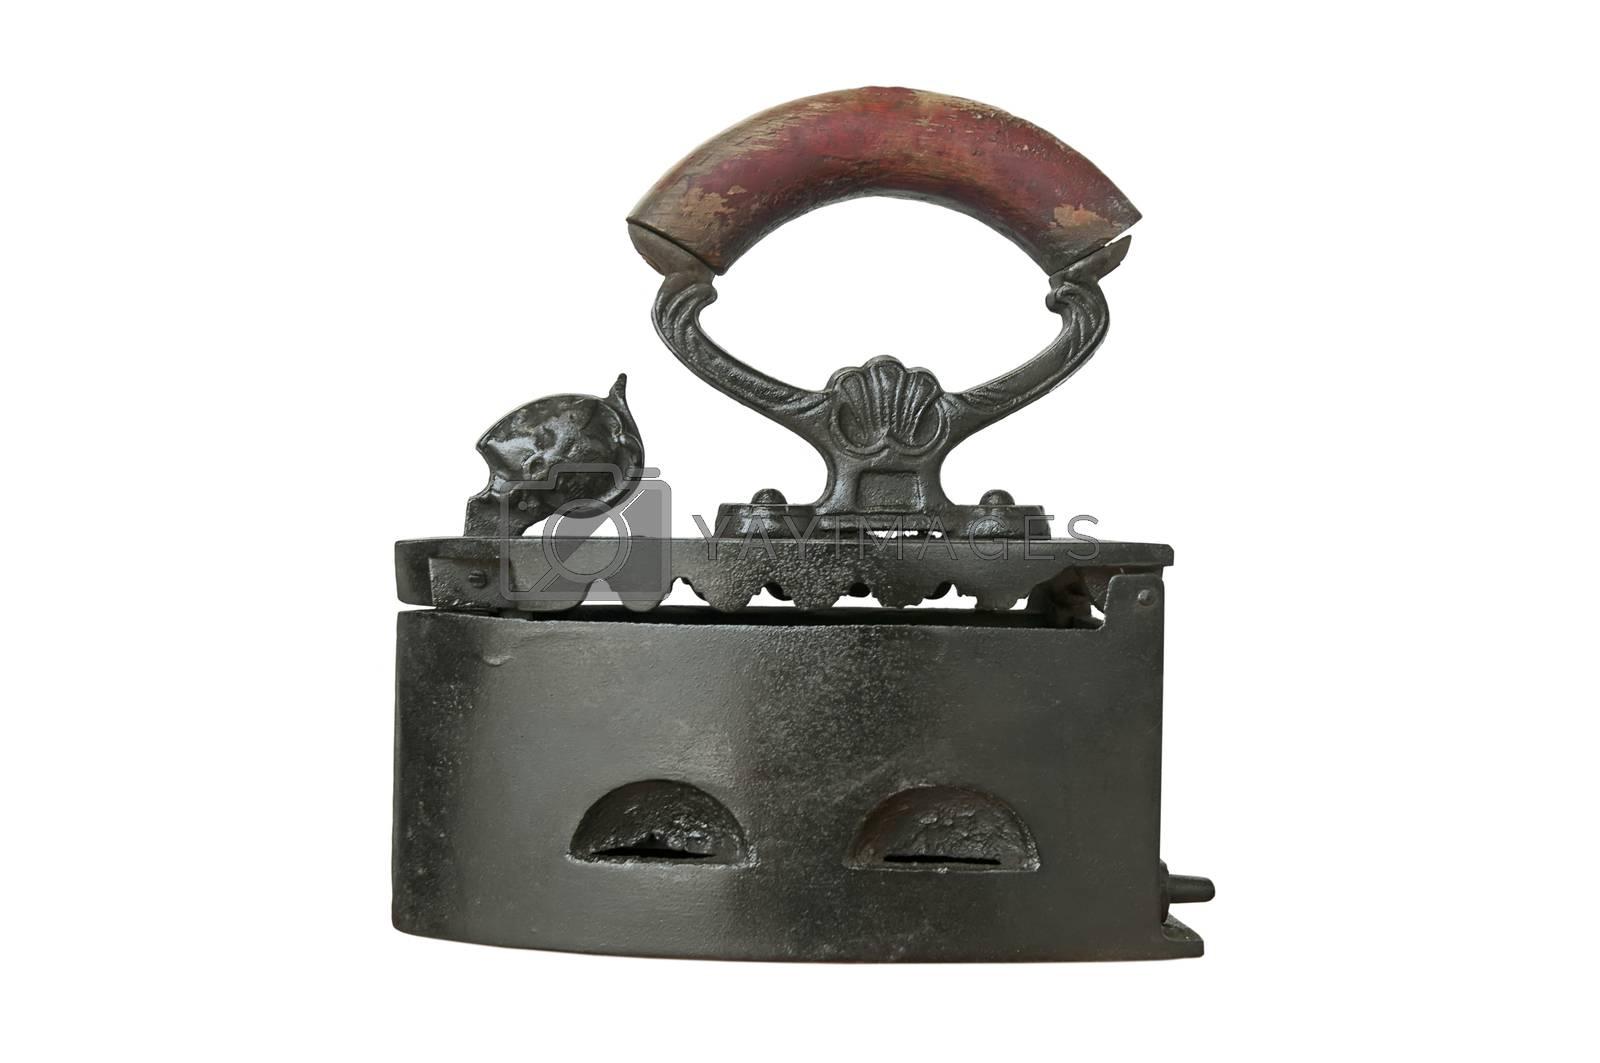 Old iron isolated on white background